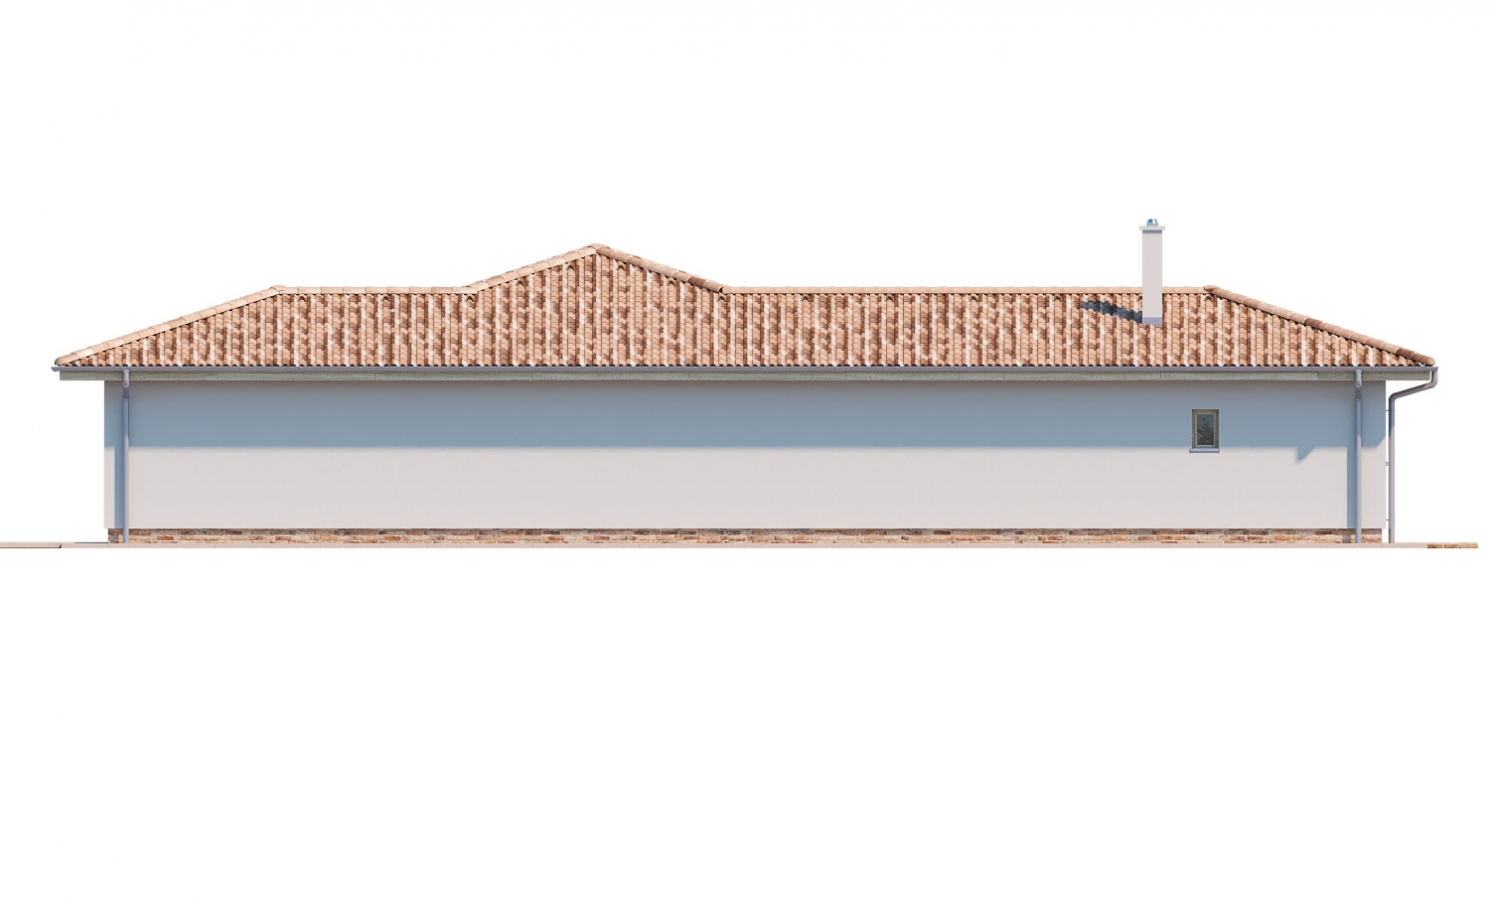 Pohľad 4. - 6 - izbový prízemný dom, do tvaru L, s terasou, ktorá sa dá po malých úpravách využívať celoročne.